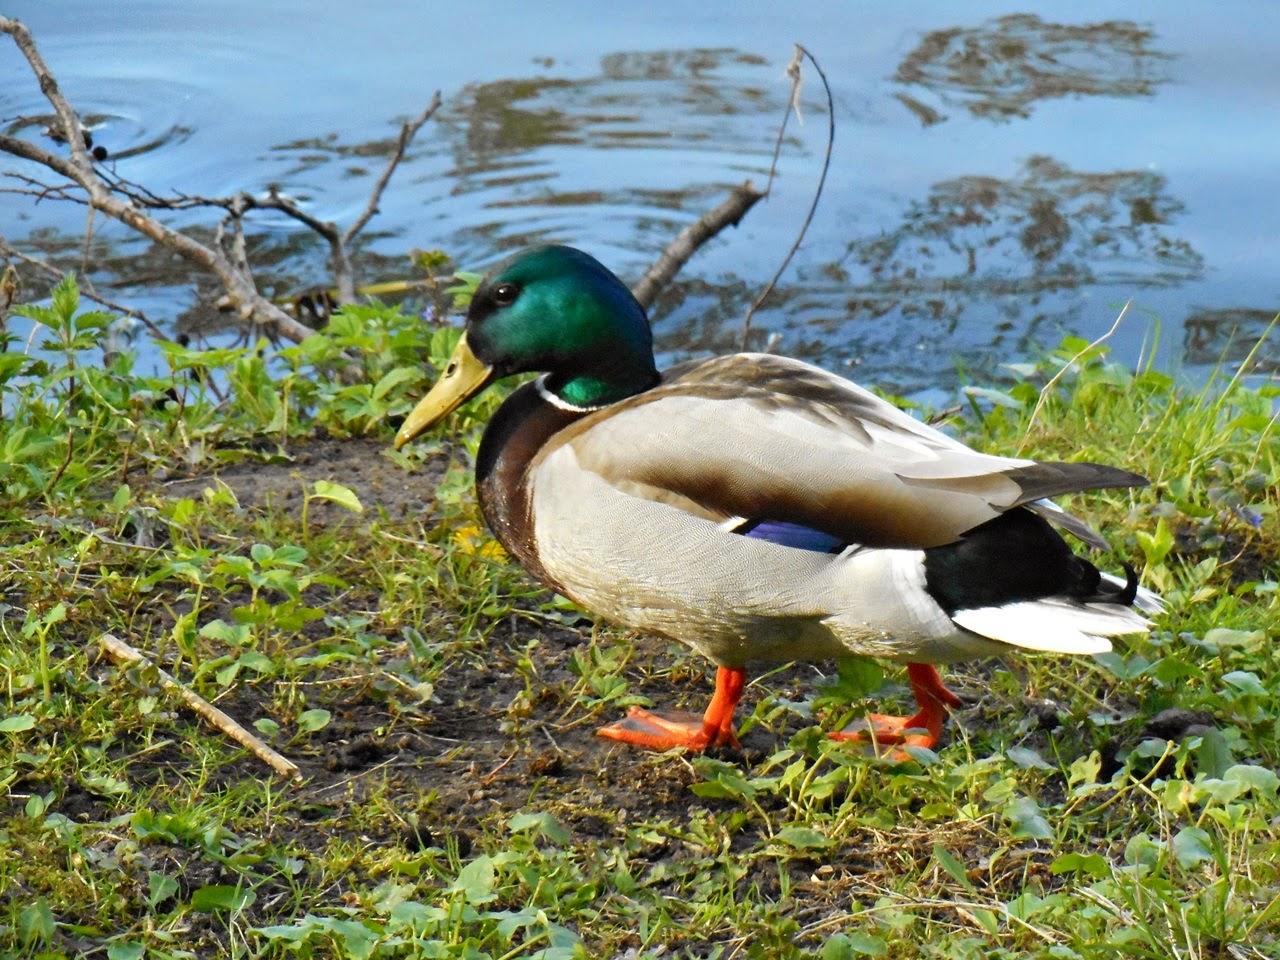 ptaki wodne, spacer nad jeziorem, zwierzęta, przyroda